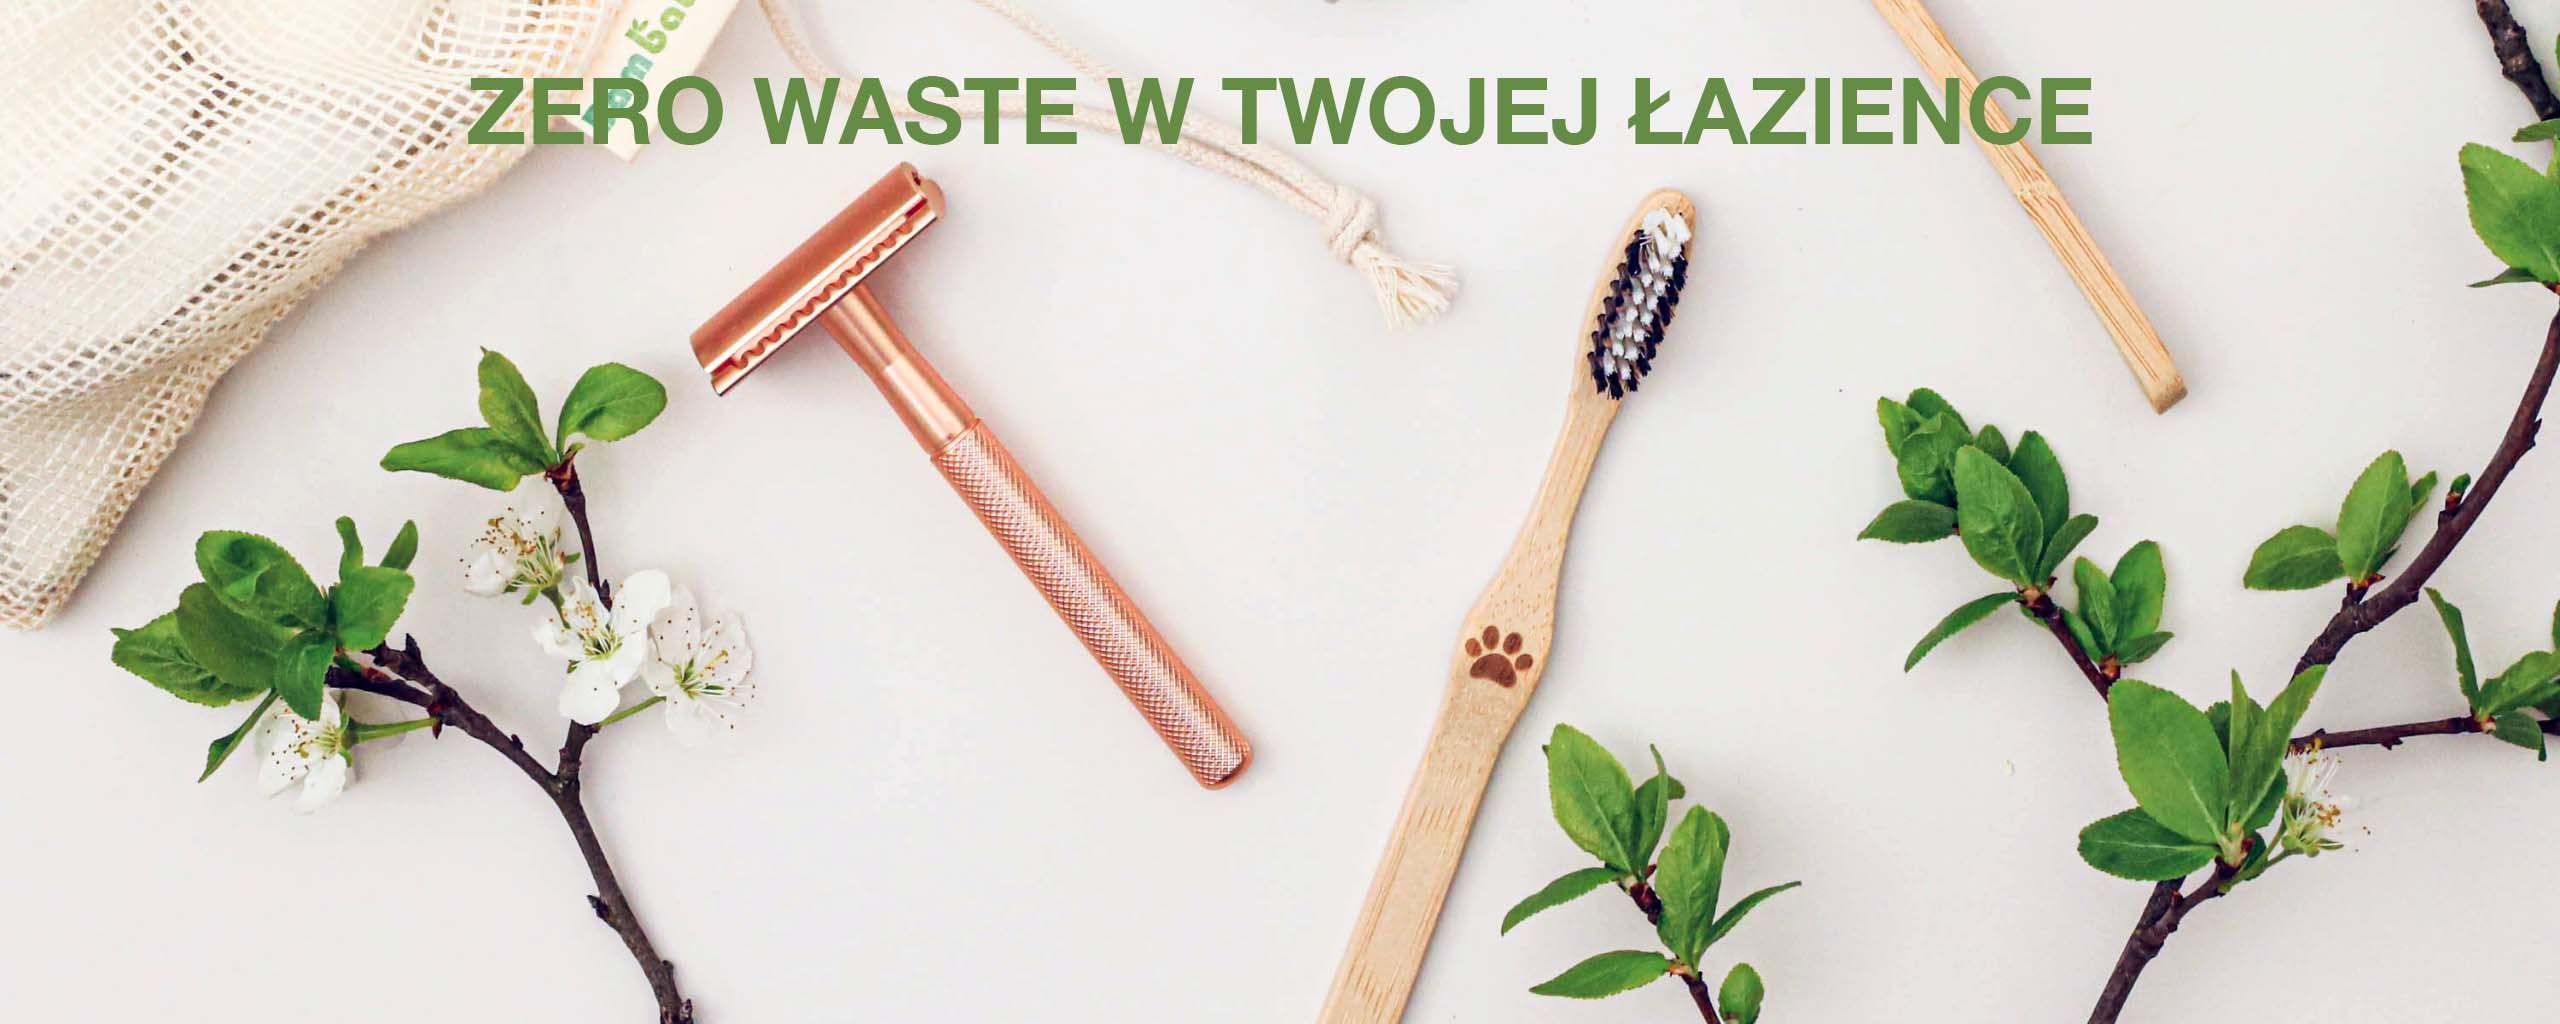 Zero waste w łazience, ekologiczne i wielorazowe produkty do pielęgnacji i higieny.